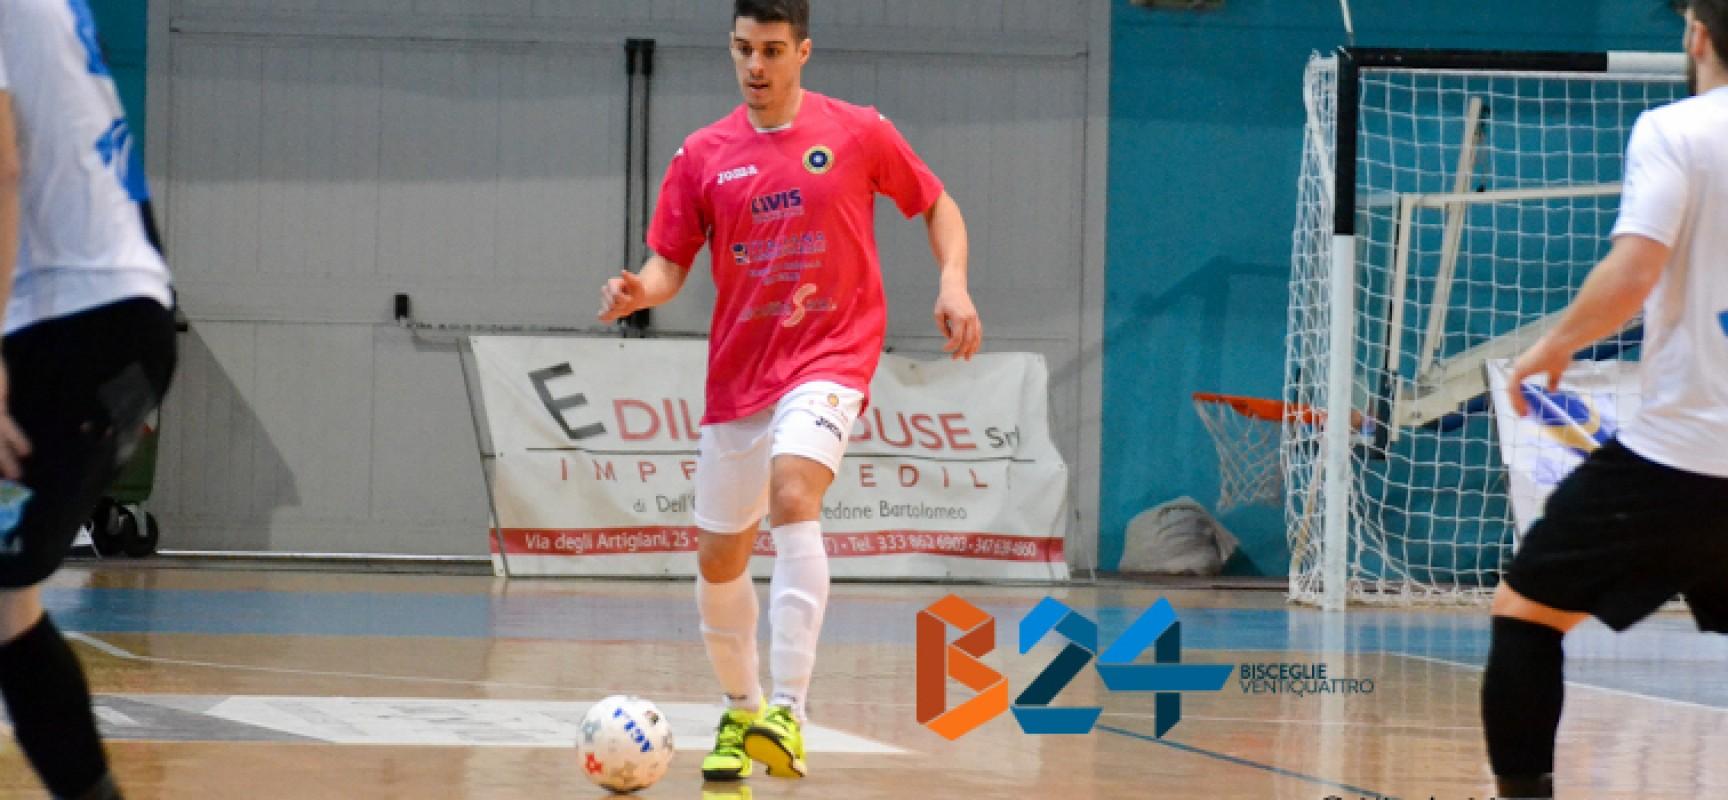 Altro rinnovo per il Futsal Bisceglie, confermato Ortiz